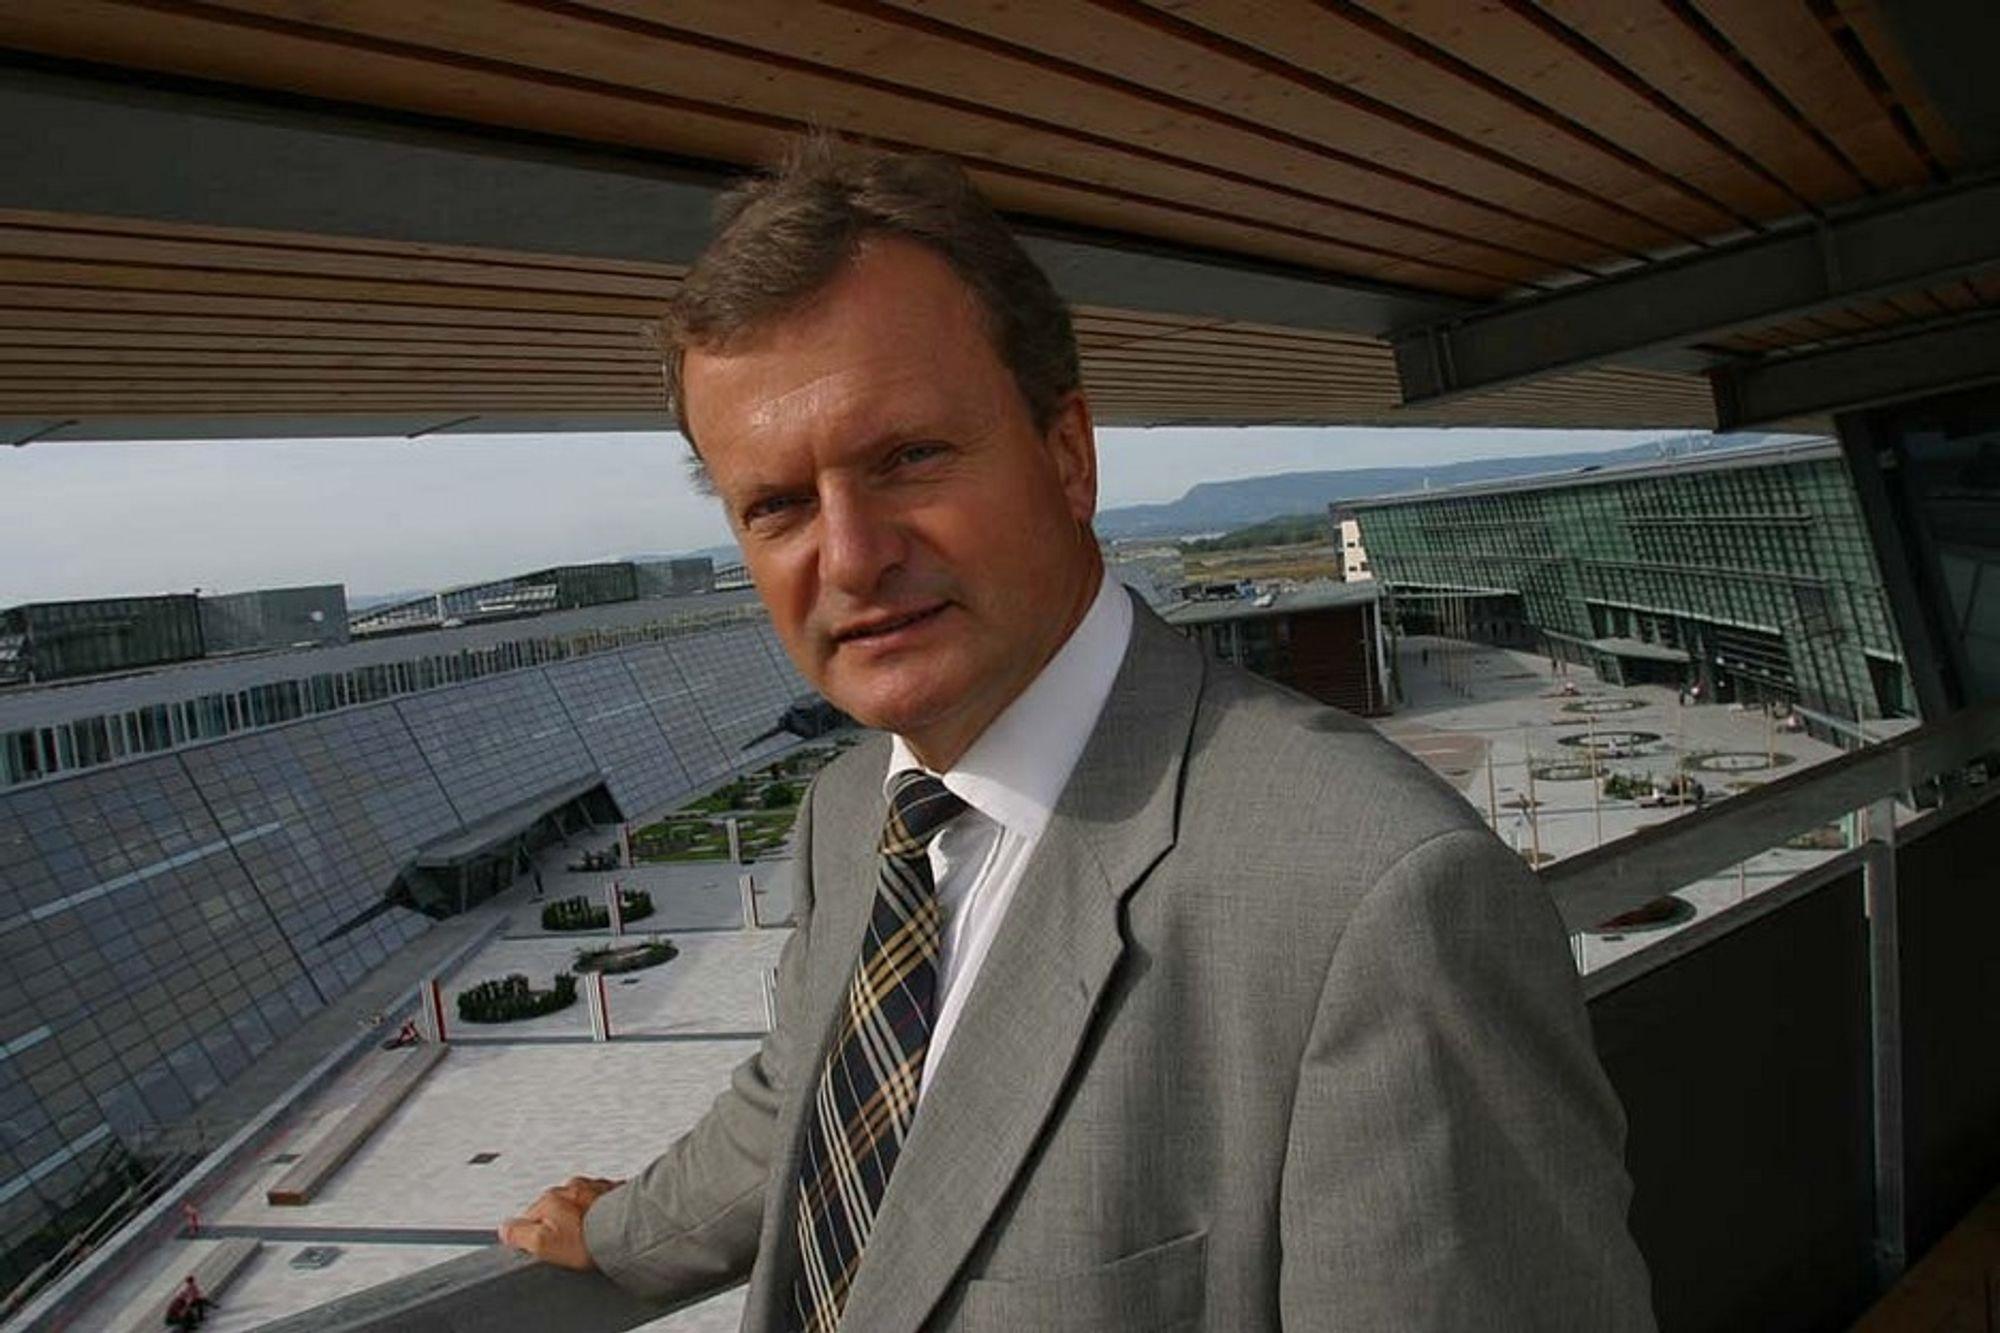 SPILLER: Telenor-sjef Fredrik Baksaas er med i det internasjonale telespillet som foregår på flere økonomiske, teknologiske og geofrafiske plan.